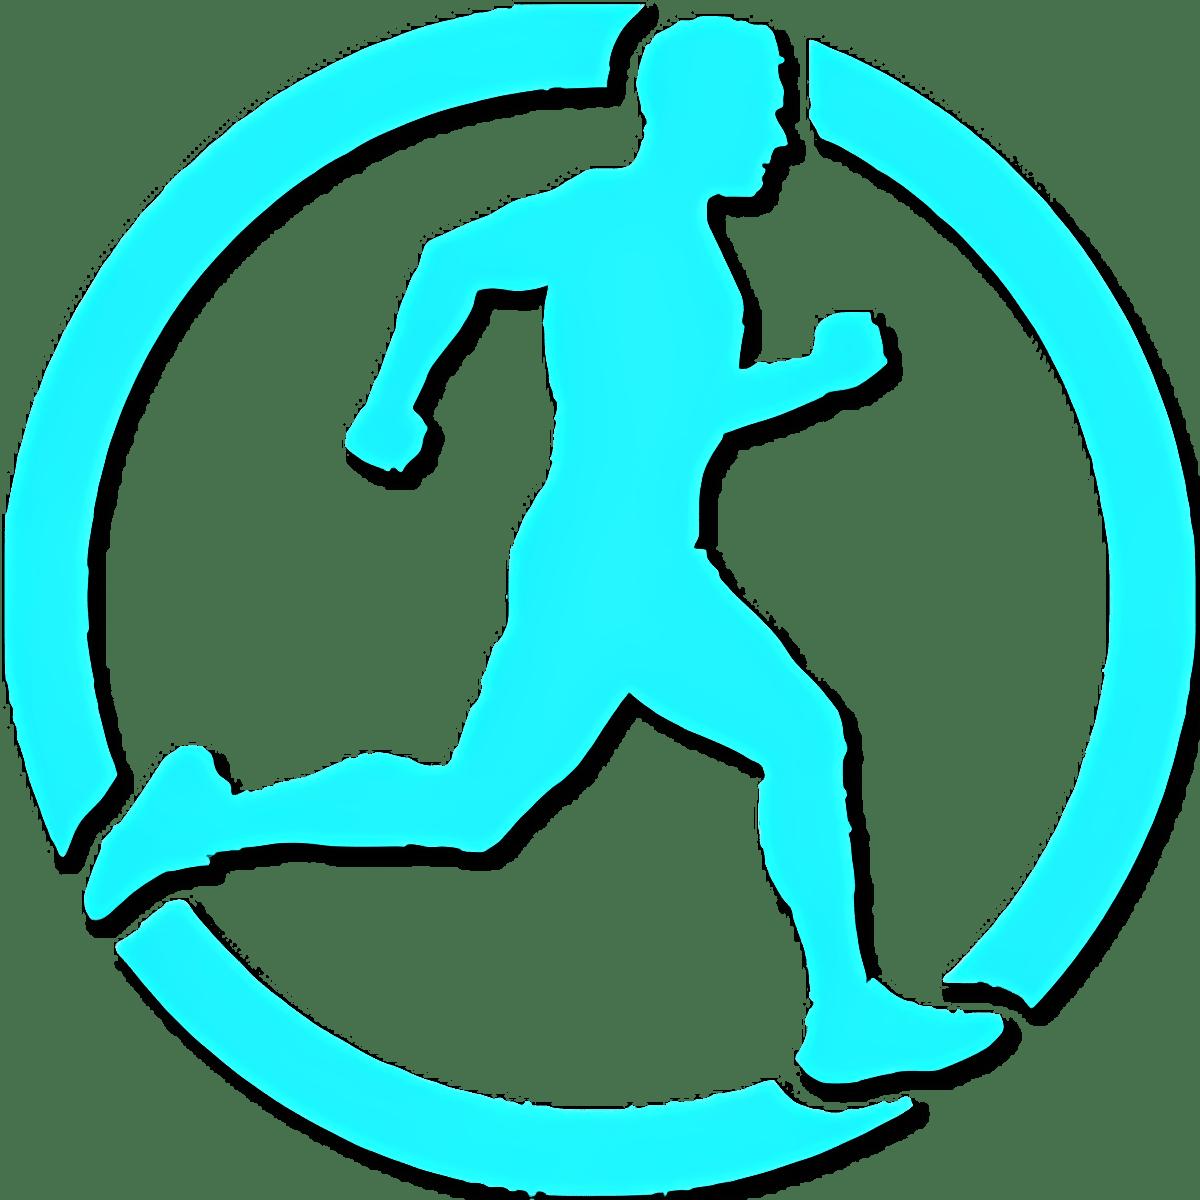 Calculadora de ritmo - Running